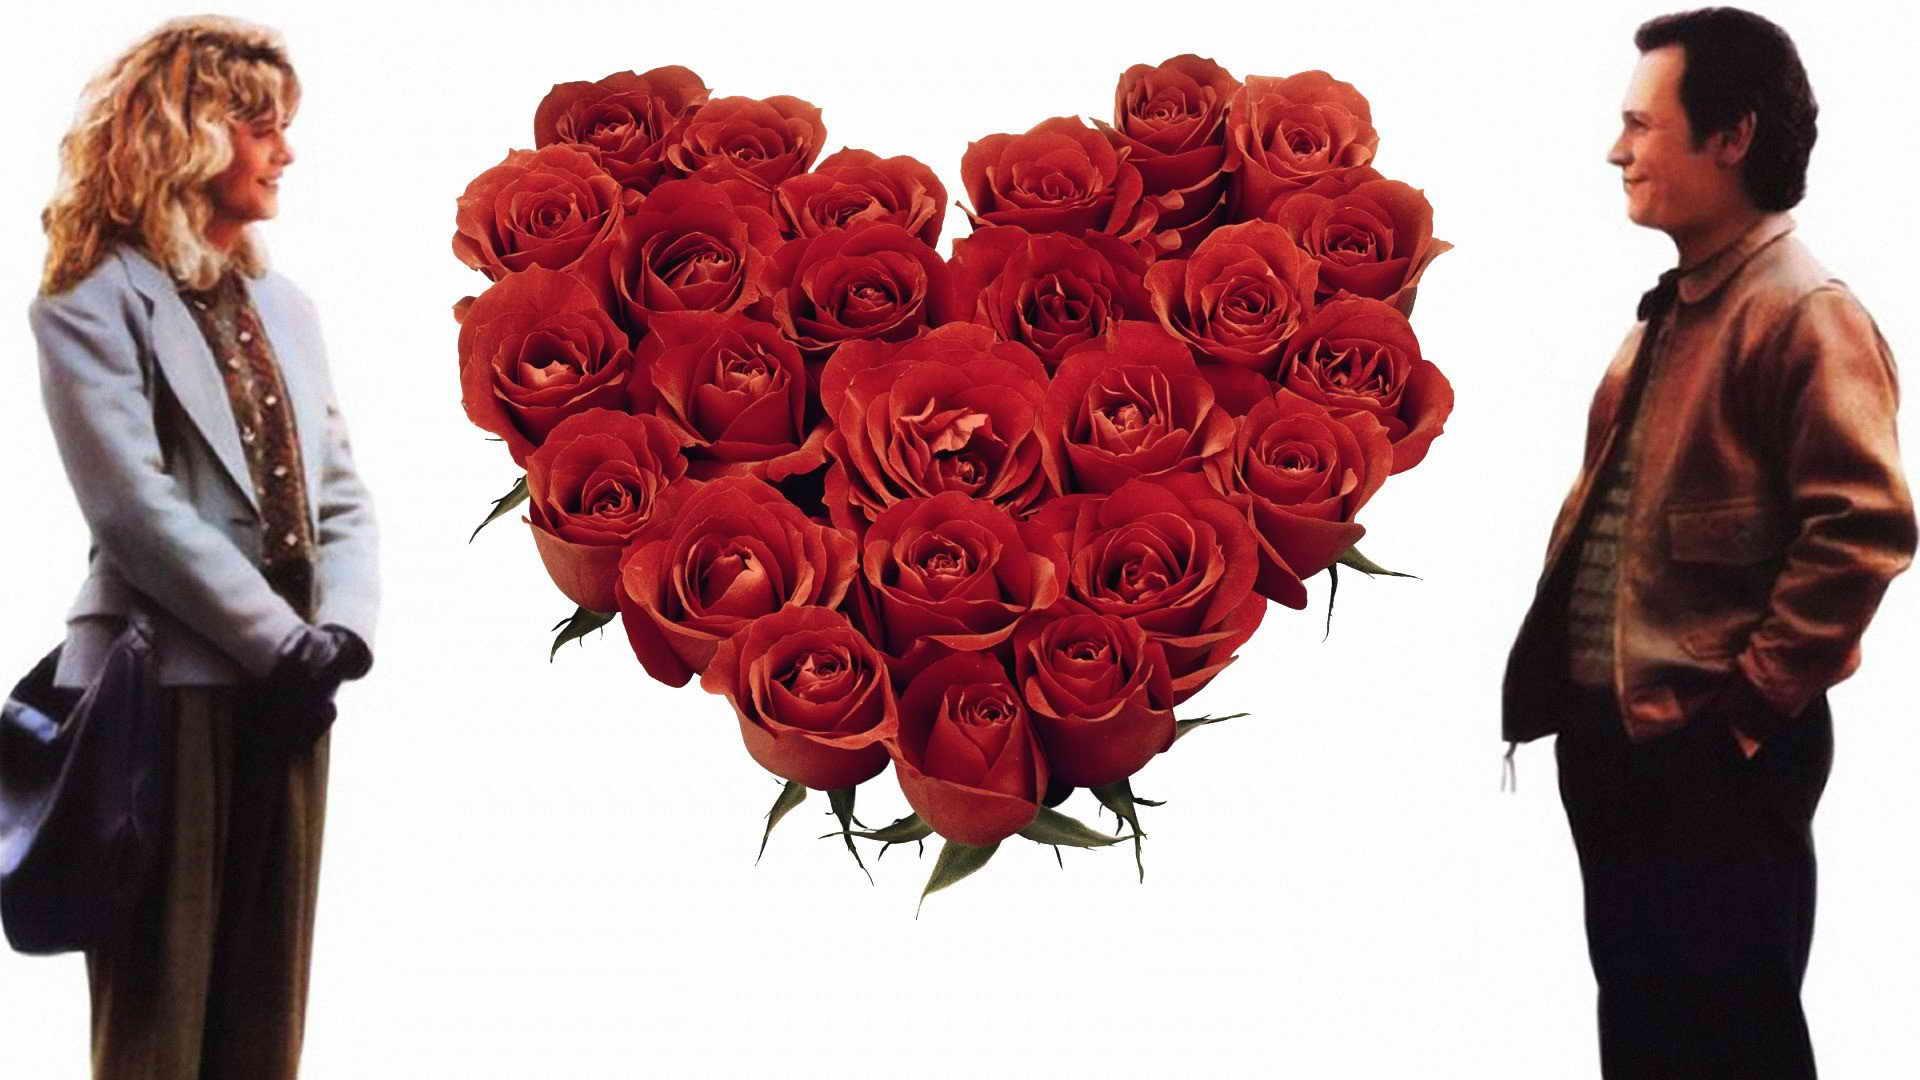 Мужчина, женщина и букет из роз в виде сердца